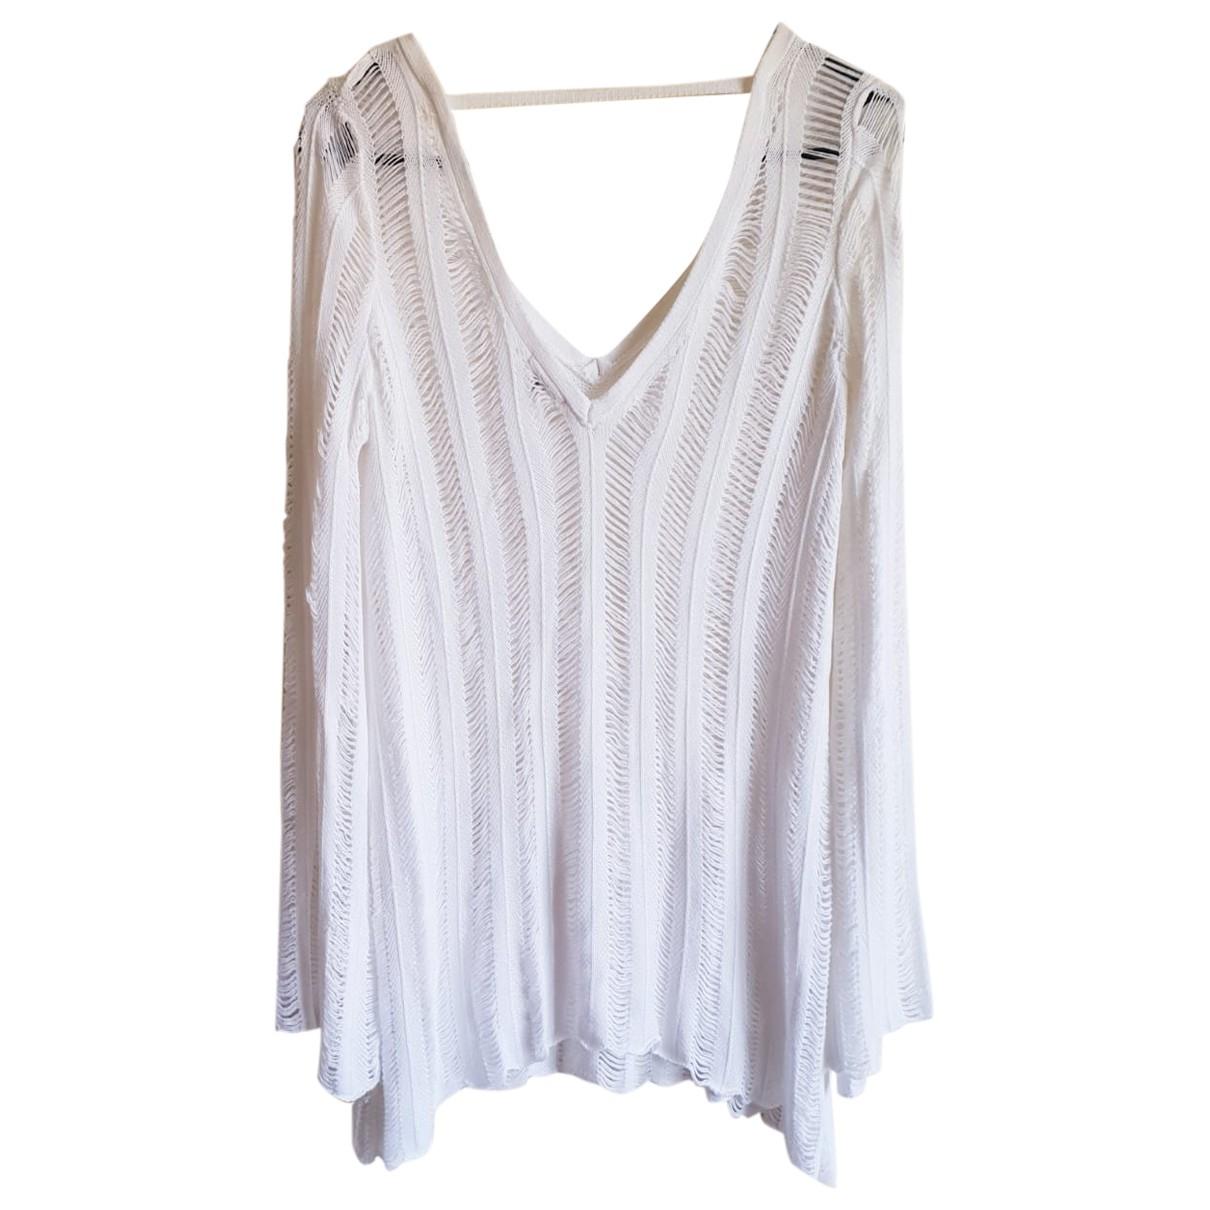 River Island - Top   pour femme en coton - blanc